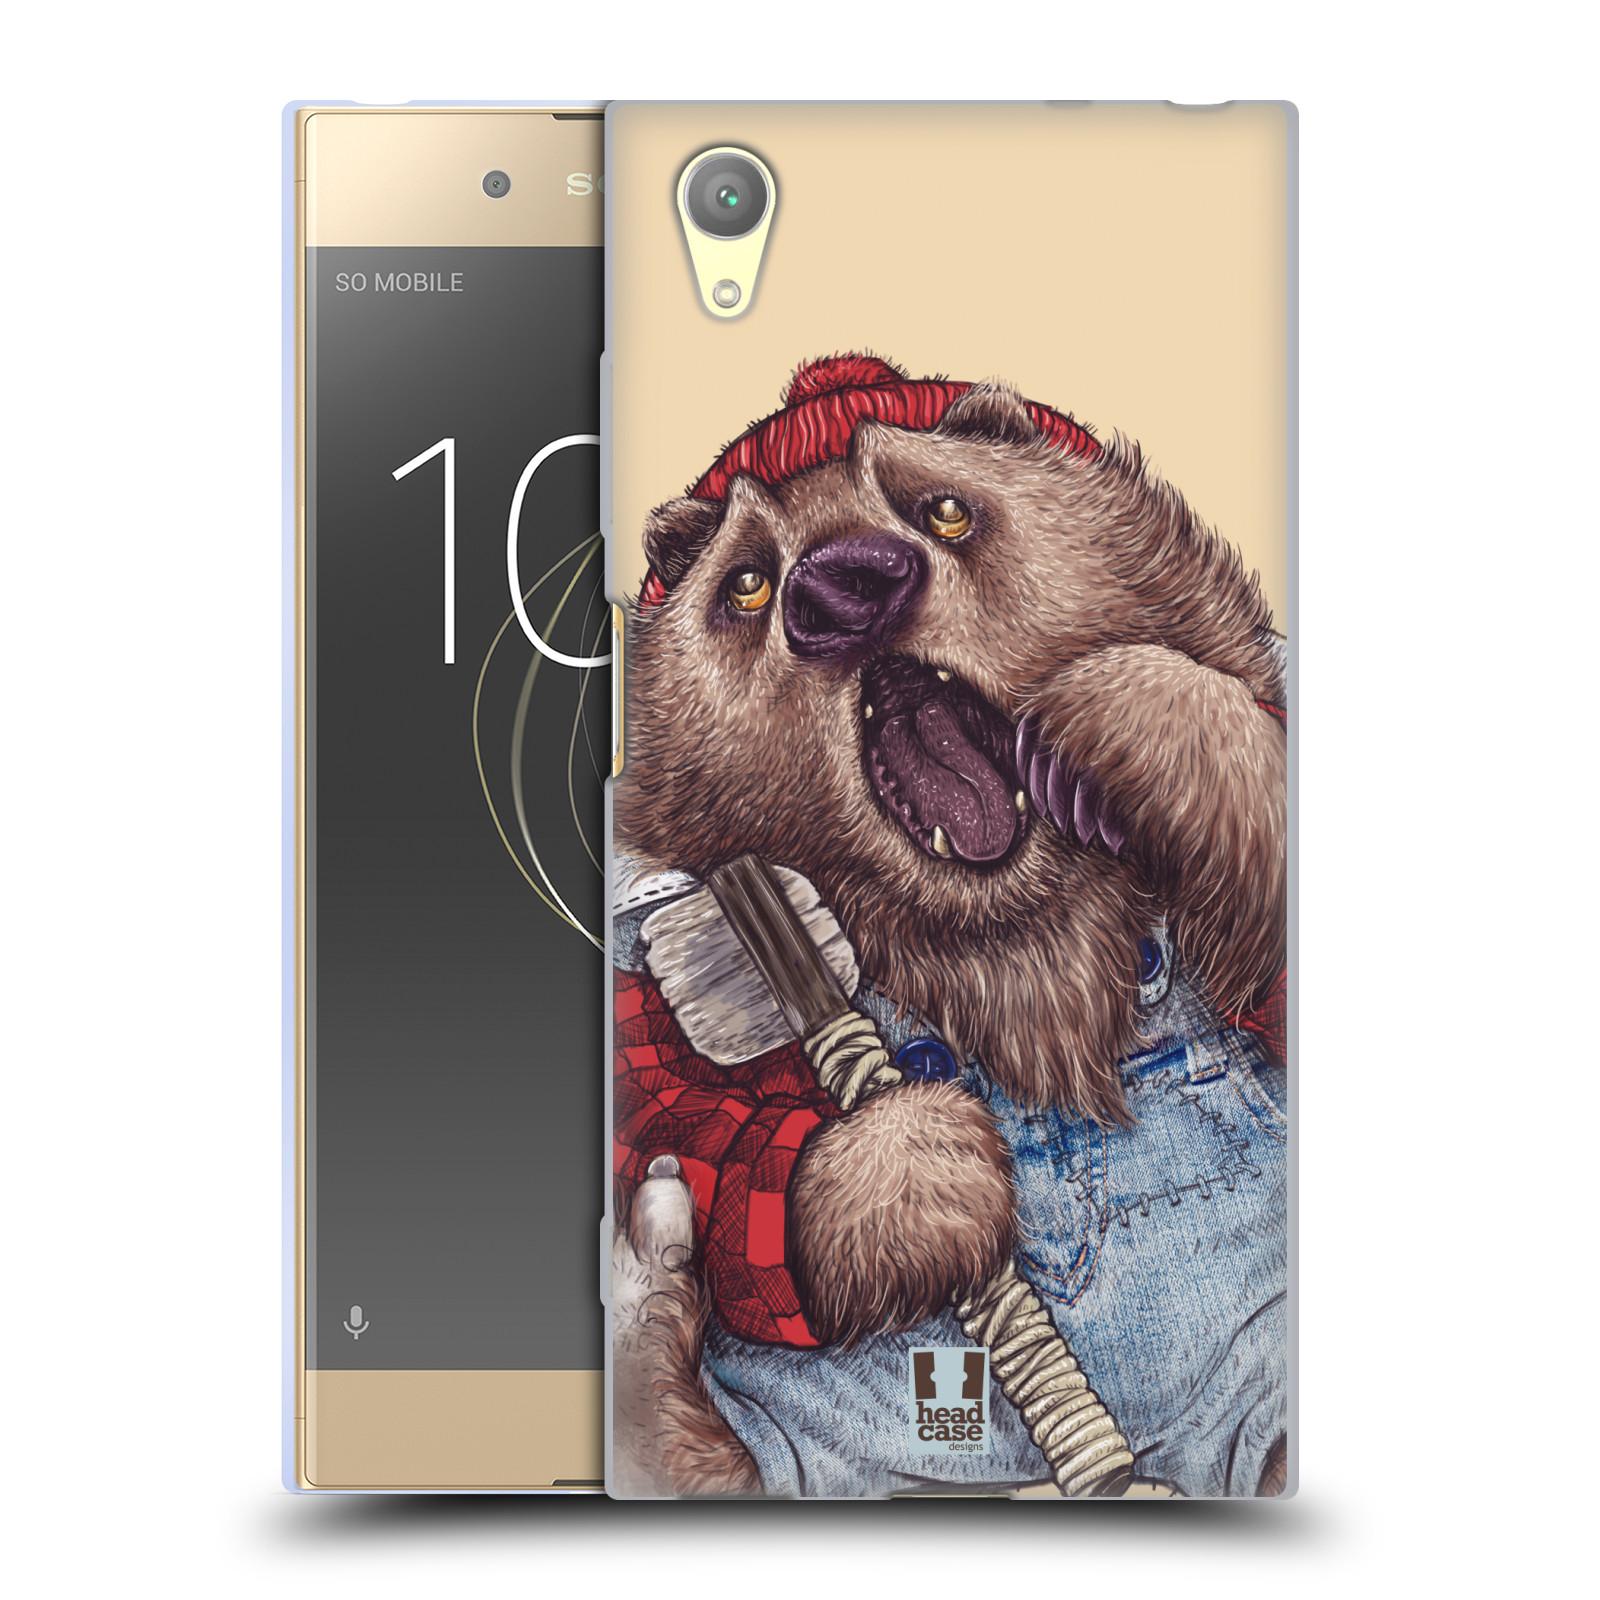 HEAD CASE silikonový obal na mobil Sony Xperia XA1 PLUS vzor Kreslená zvířátka medvěd